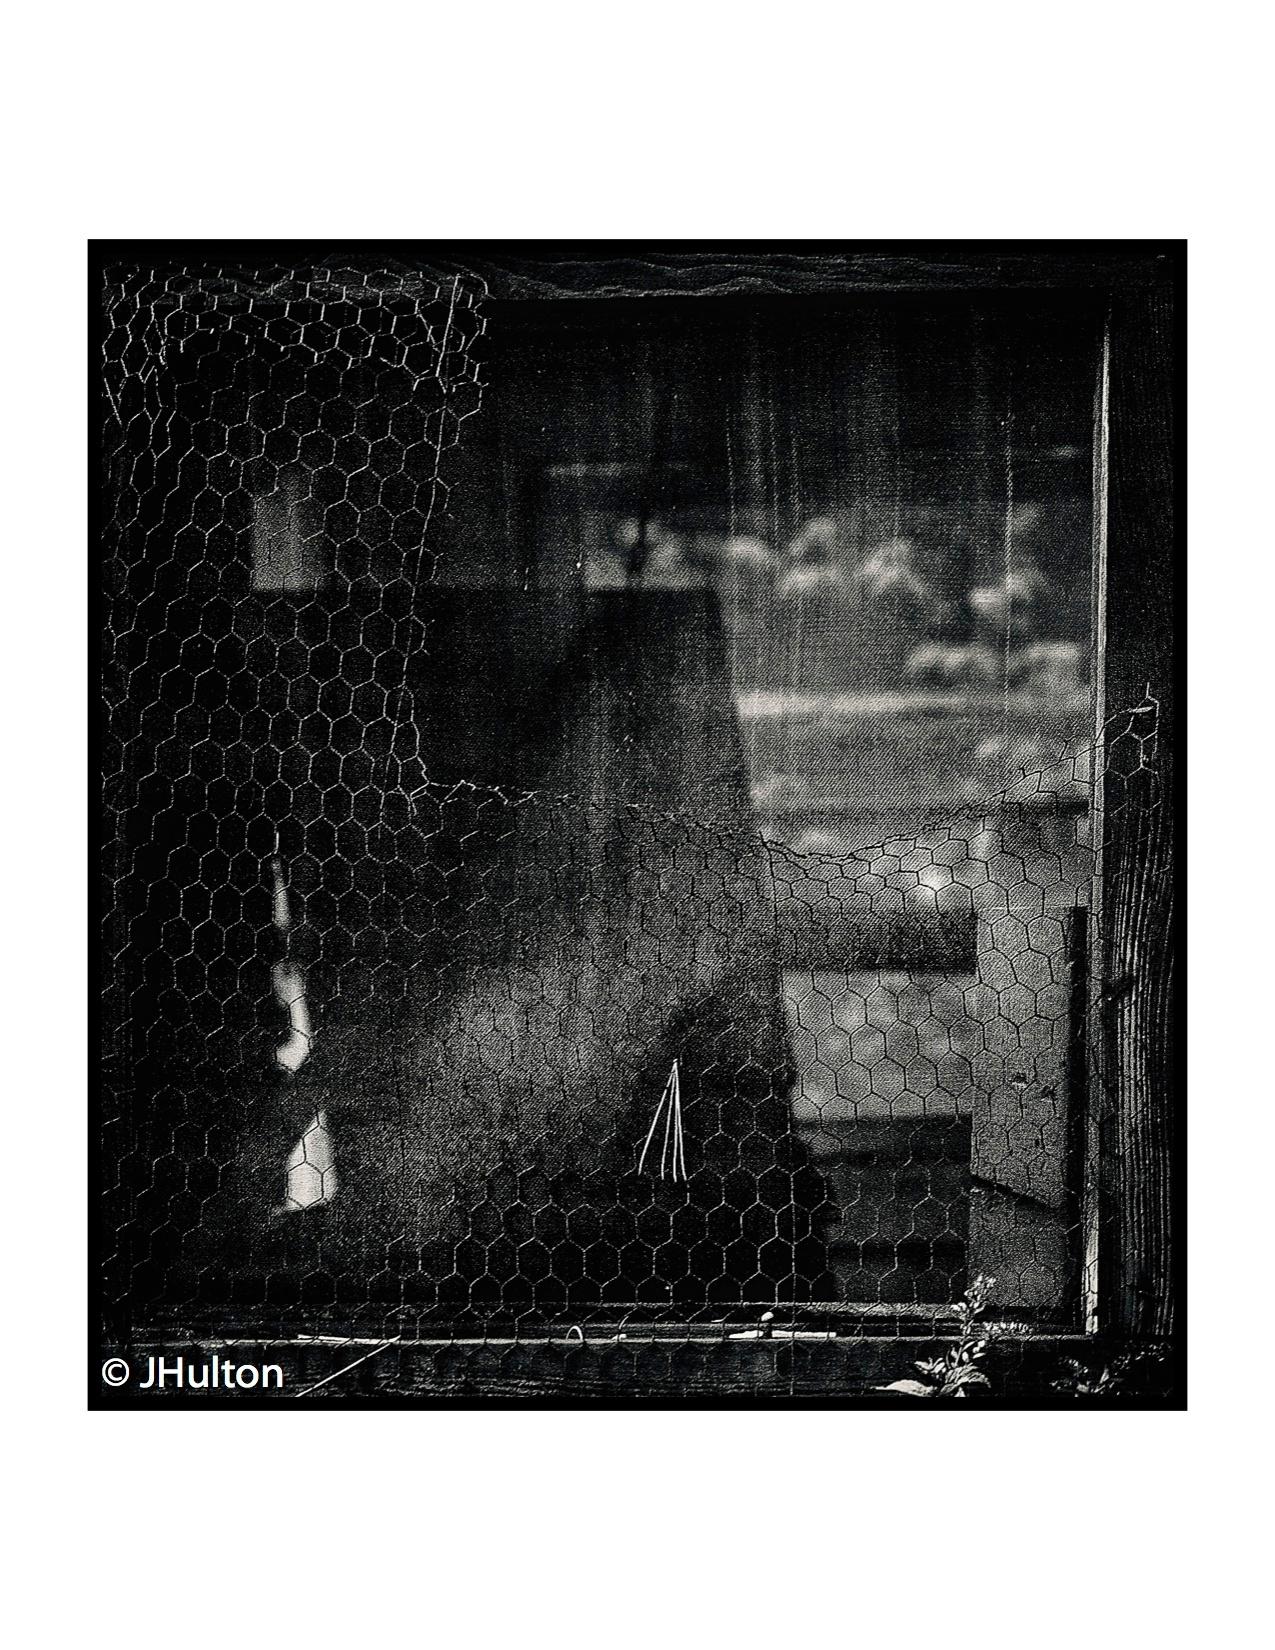 Shadow Box by jhulton